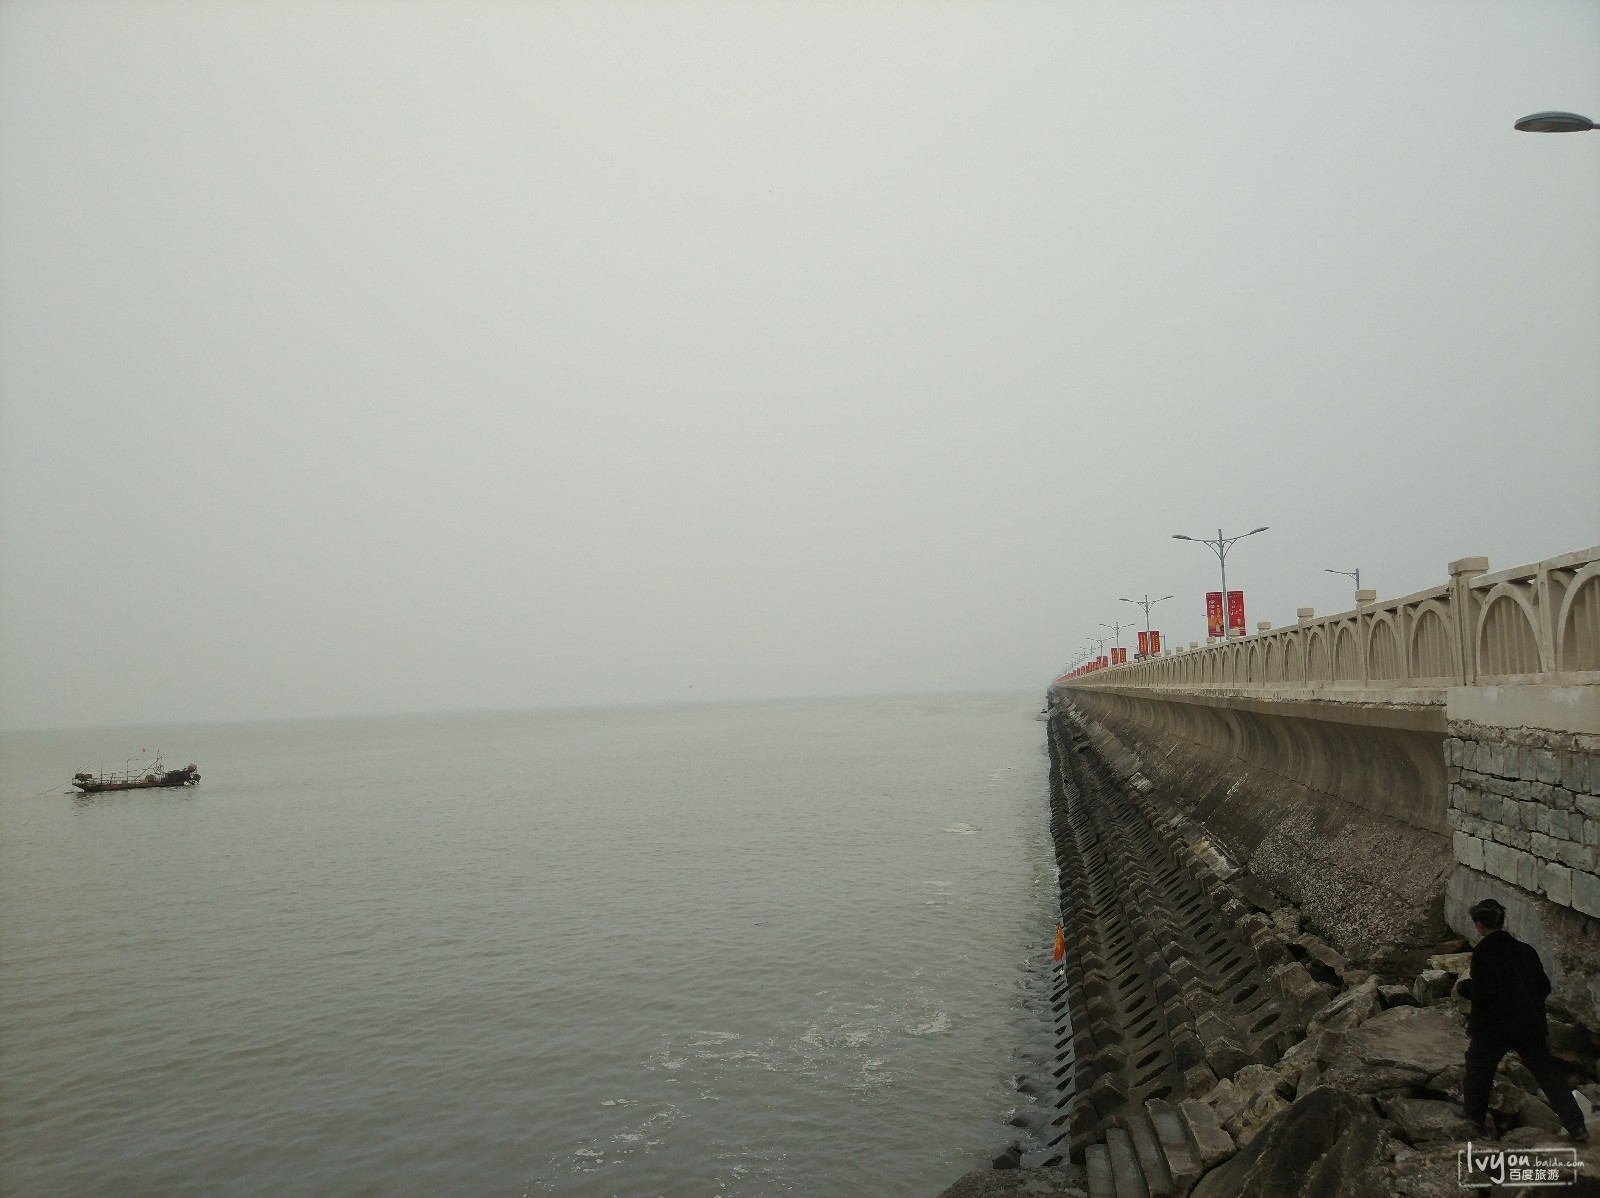 景区出来后,前往连岛,经过连岛时,拍摄的东海!